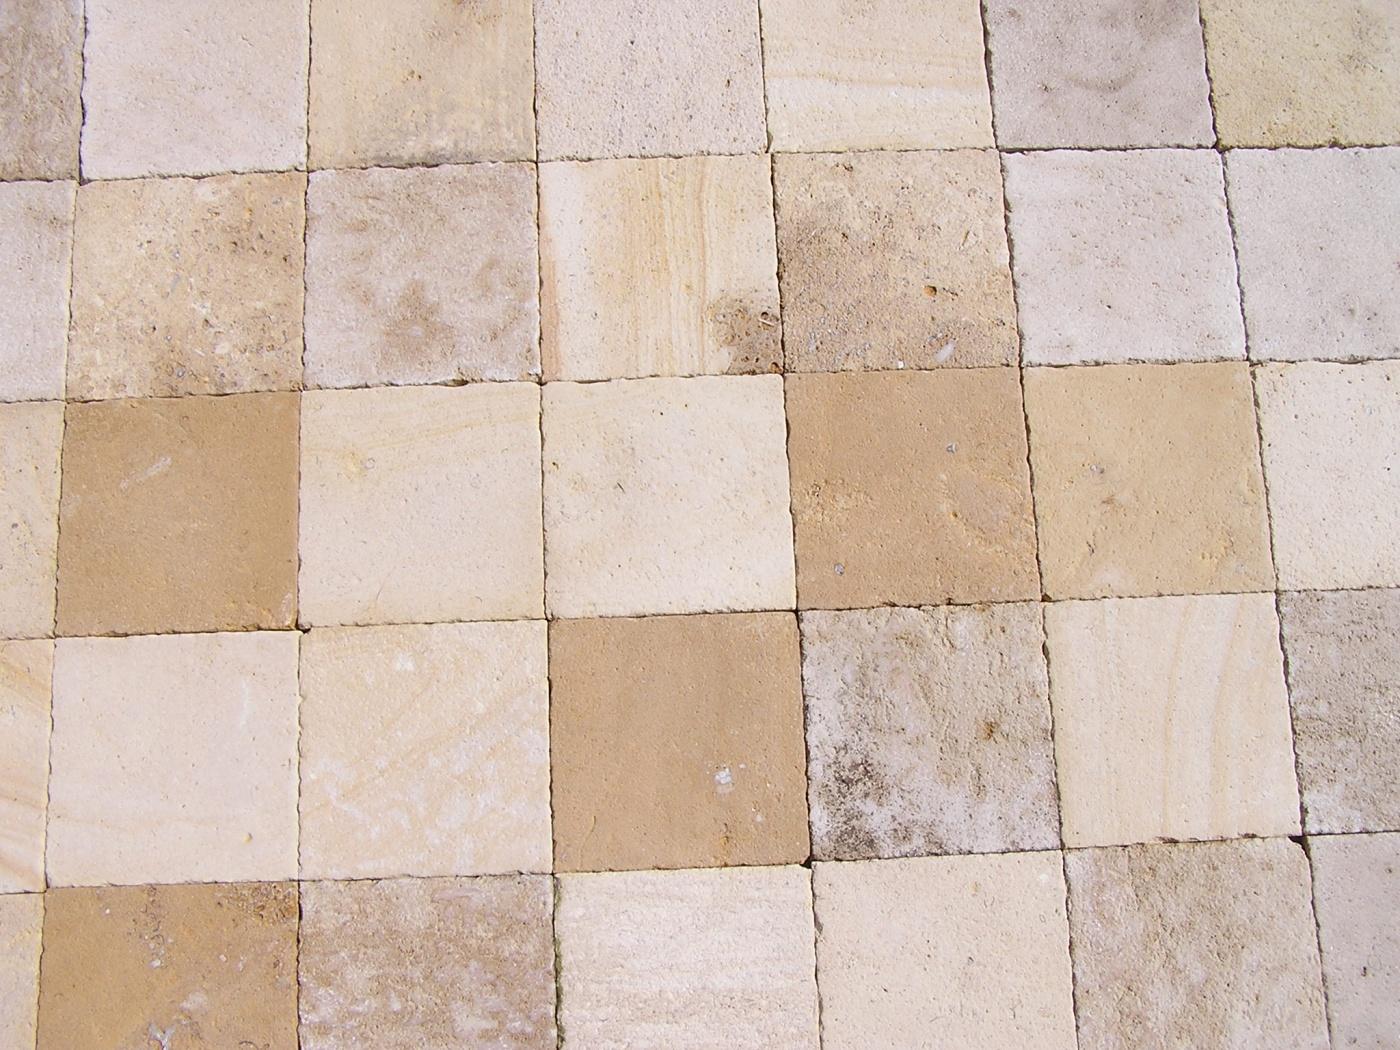 Mélange de pierres du Chatillonnais. Pavés finition antique (bouchardé brossé) 20x20x2cm